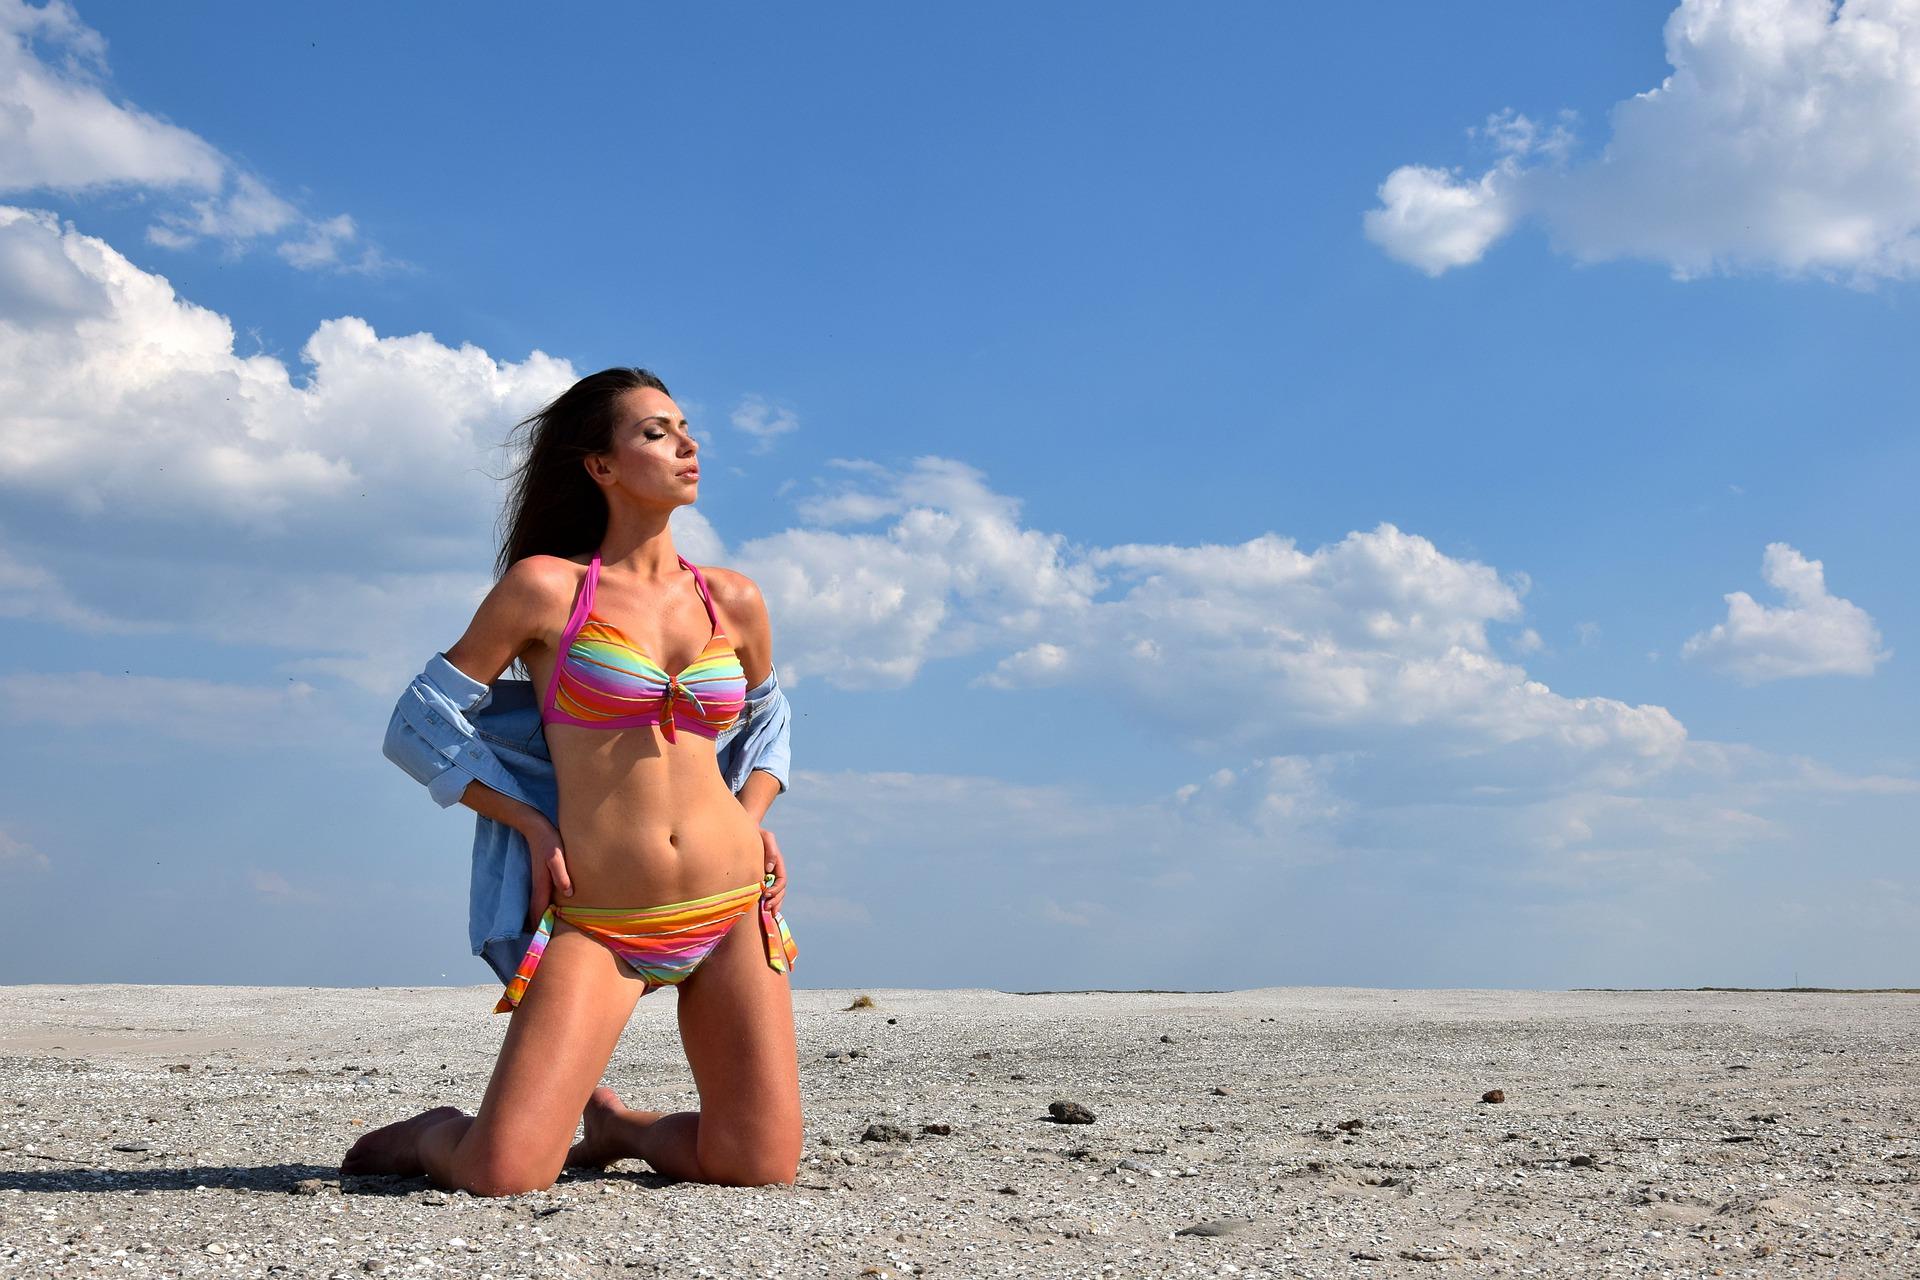 Štíhlá žena v plavkách na pláži.